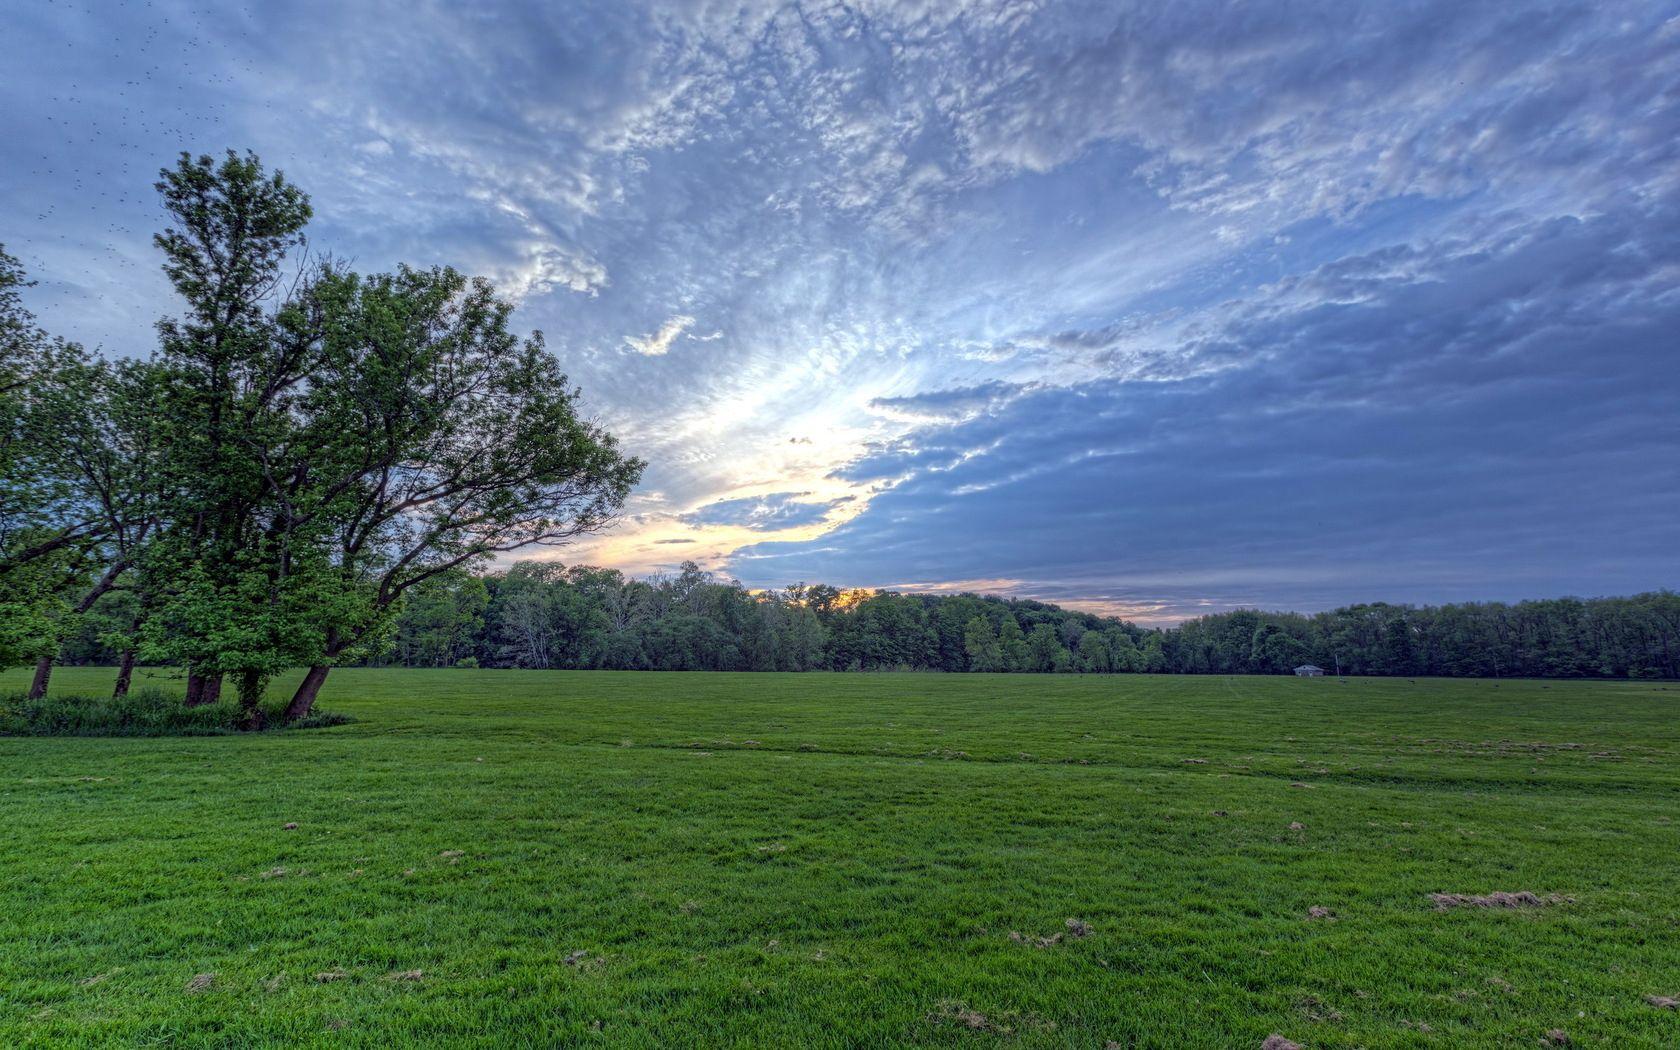 58276 скачать обои Зелень, Природа, Трава, Небо, Облака, Дерево, Поле, Вечер, Луг, Воздушные - заставки и картинки бесплатно